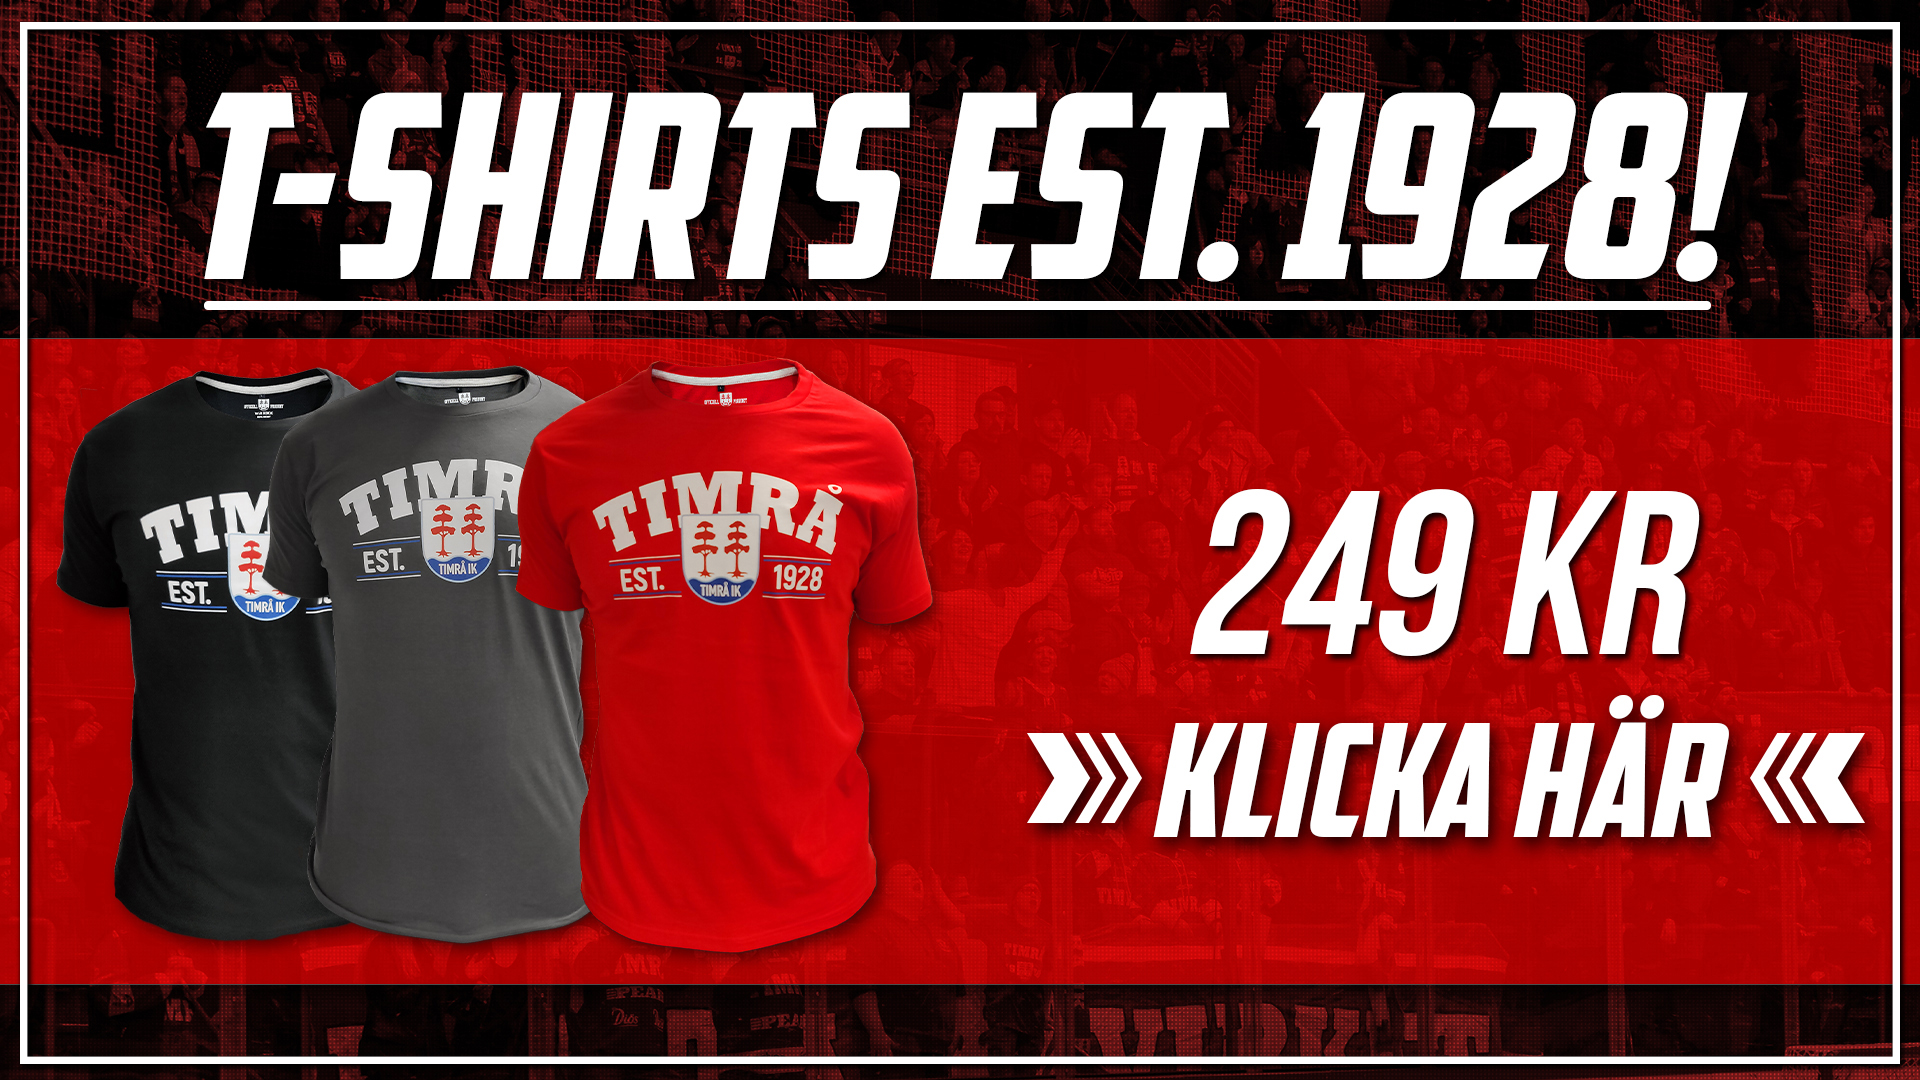 T-Shirts Est. 1928